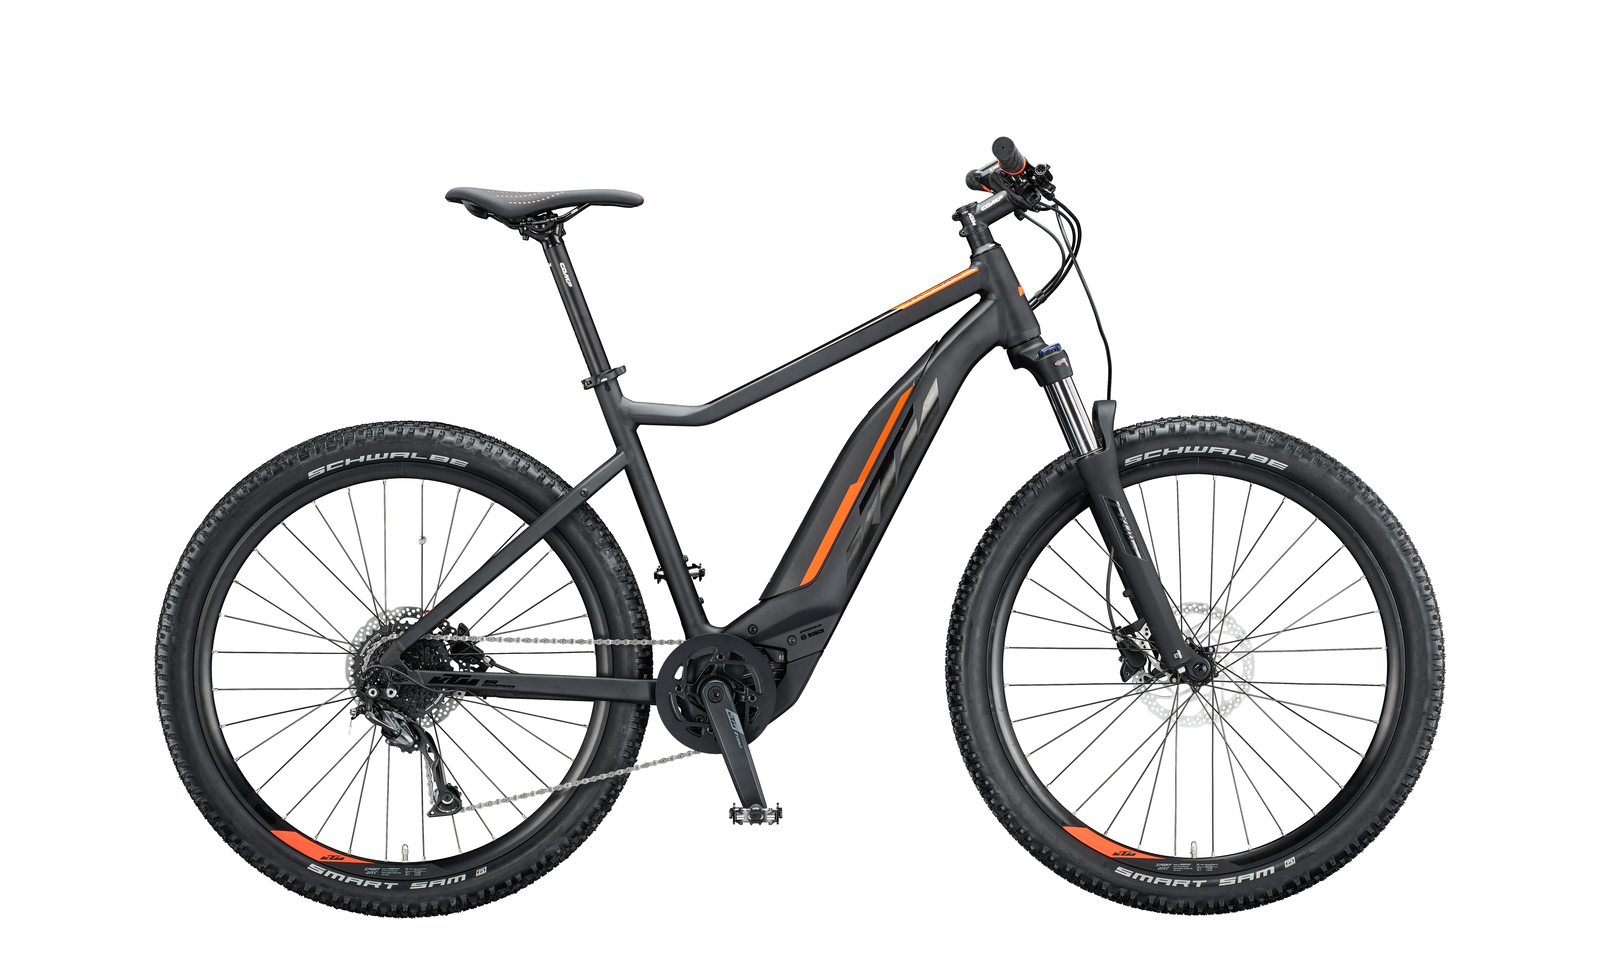 Modello 2020 e bike della KTm Macina Action